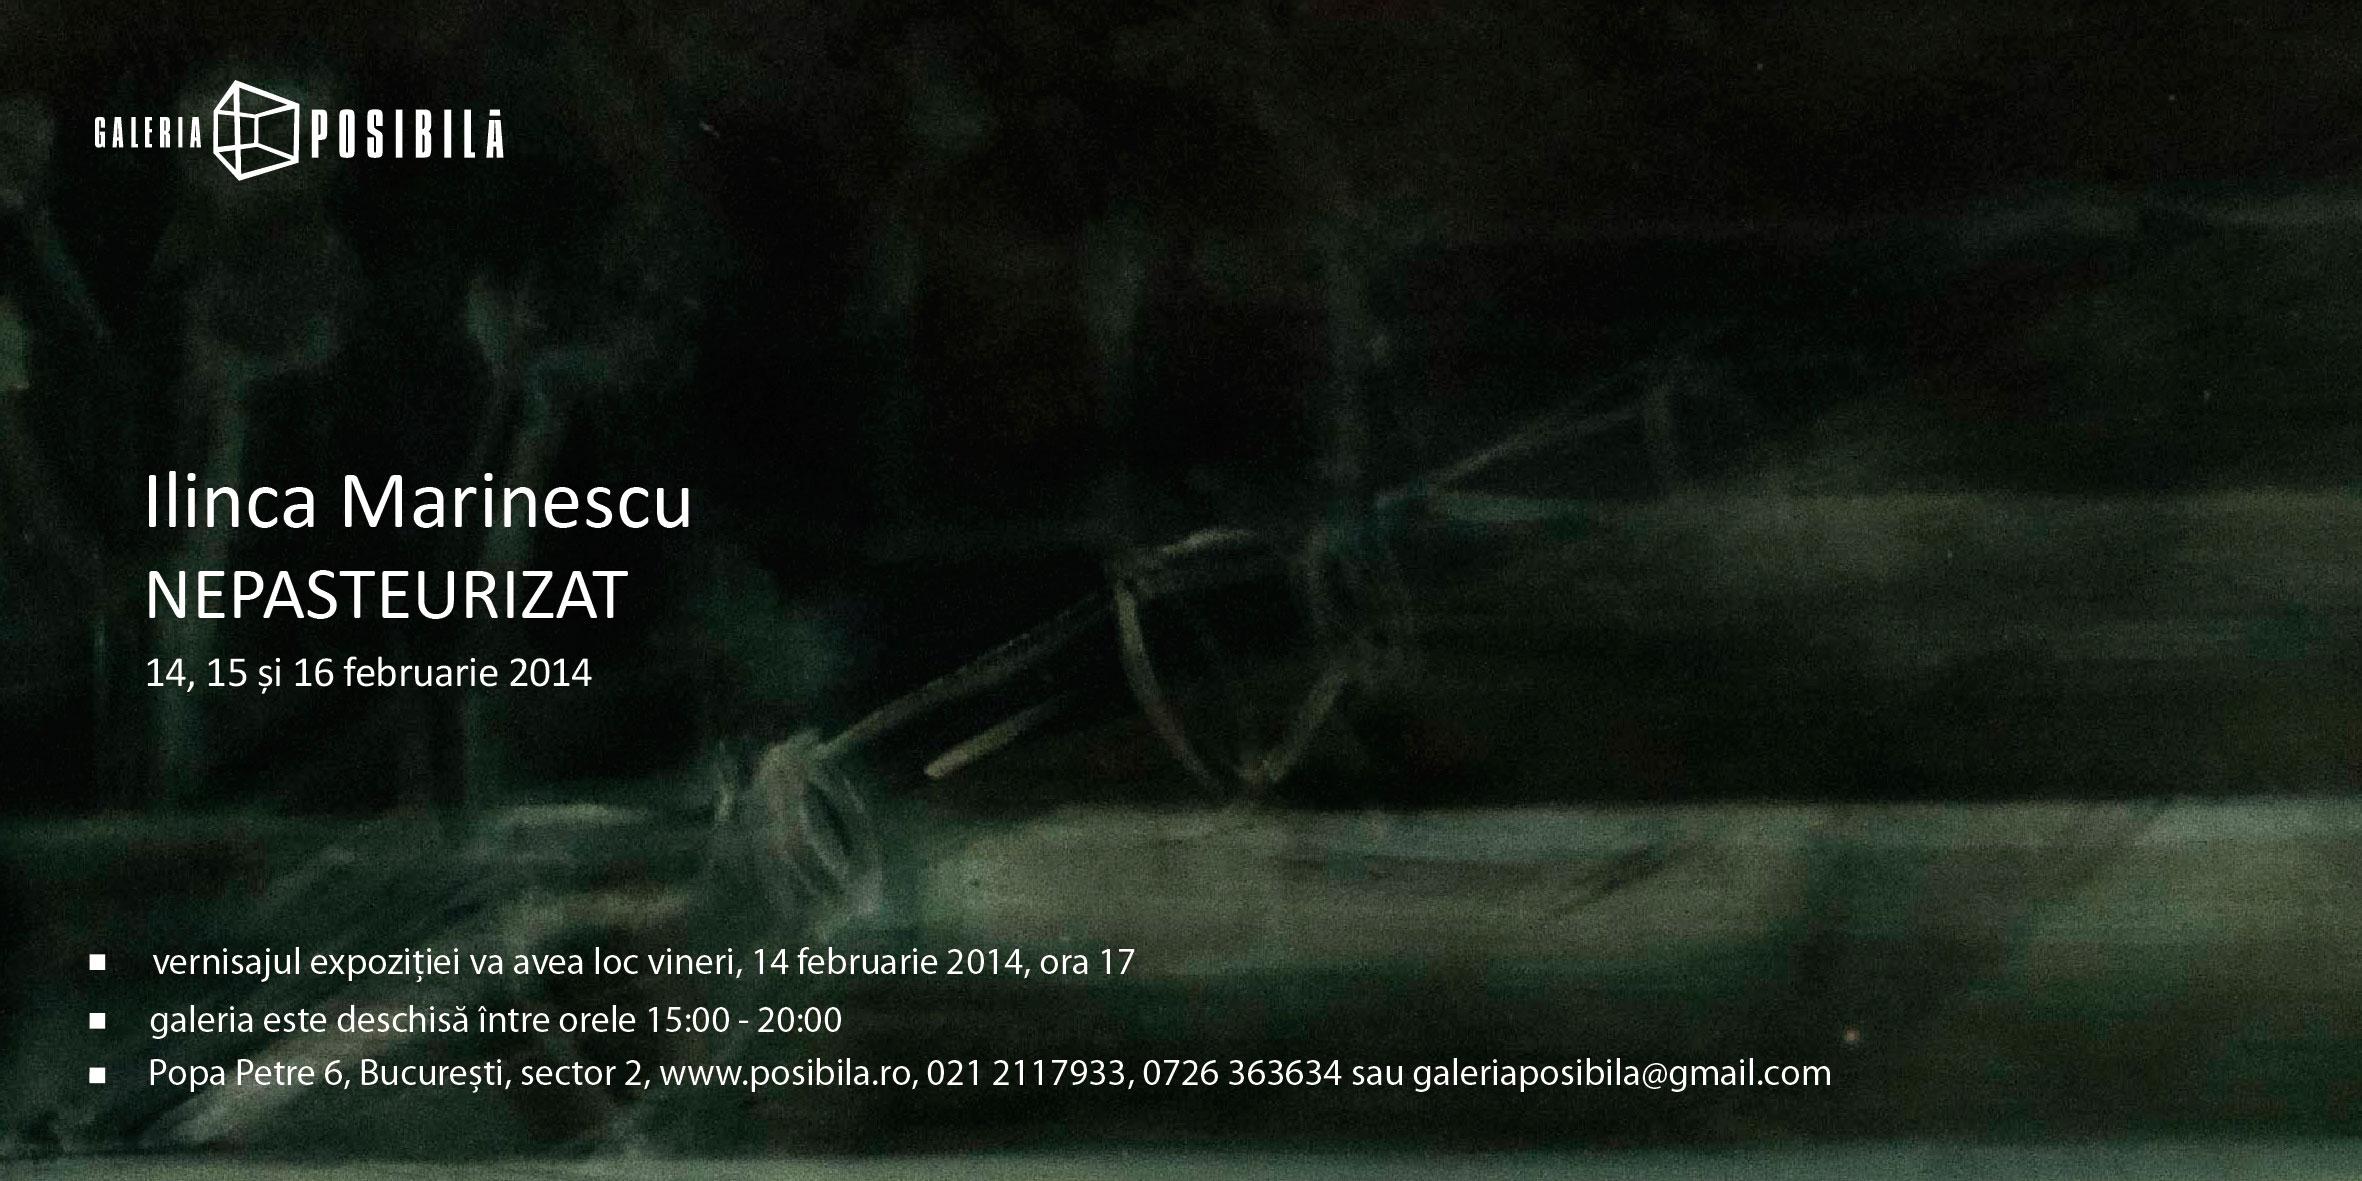 invitatie_GaleriaPosibila_Nepasteurizat